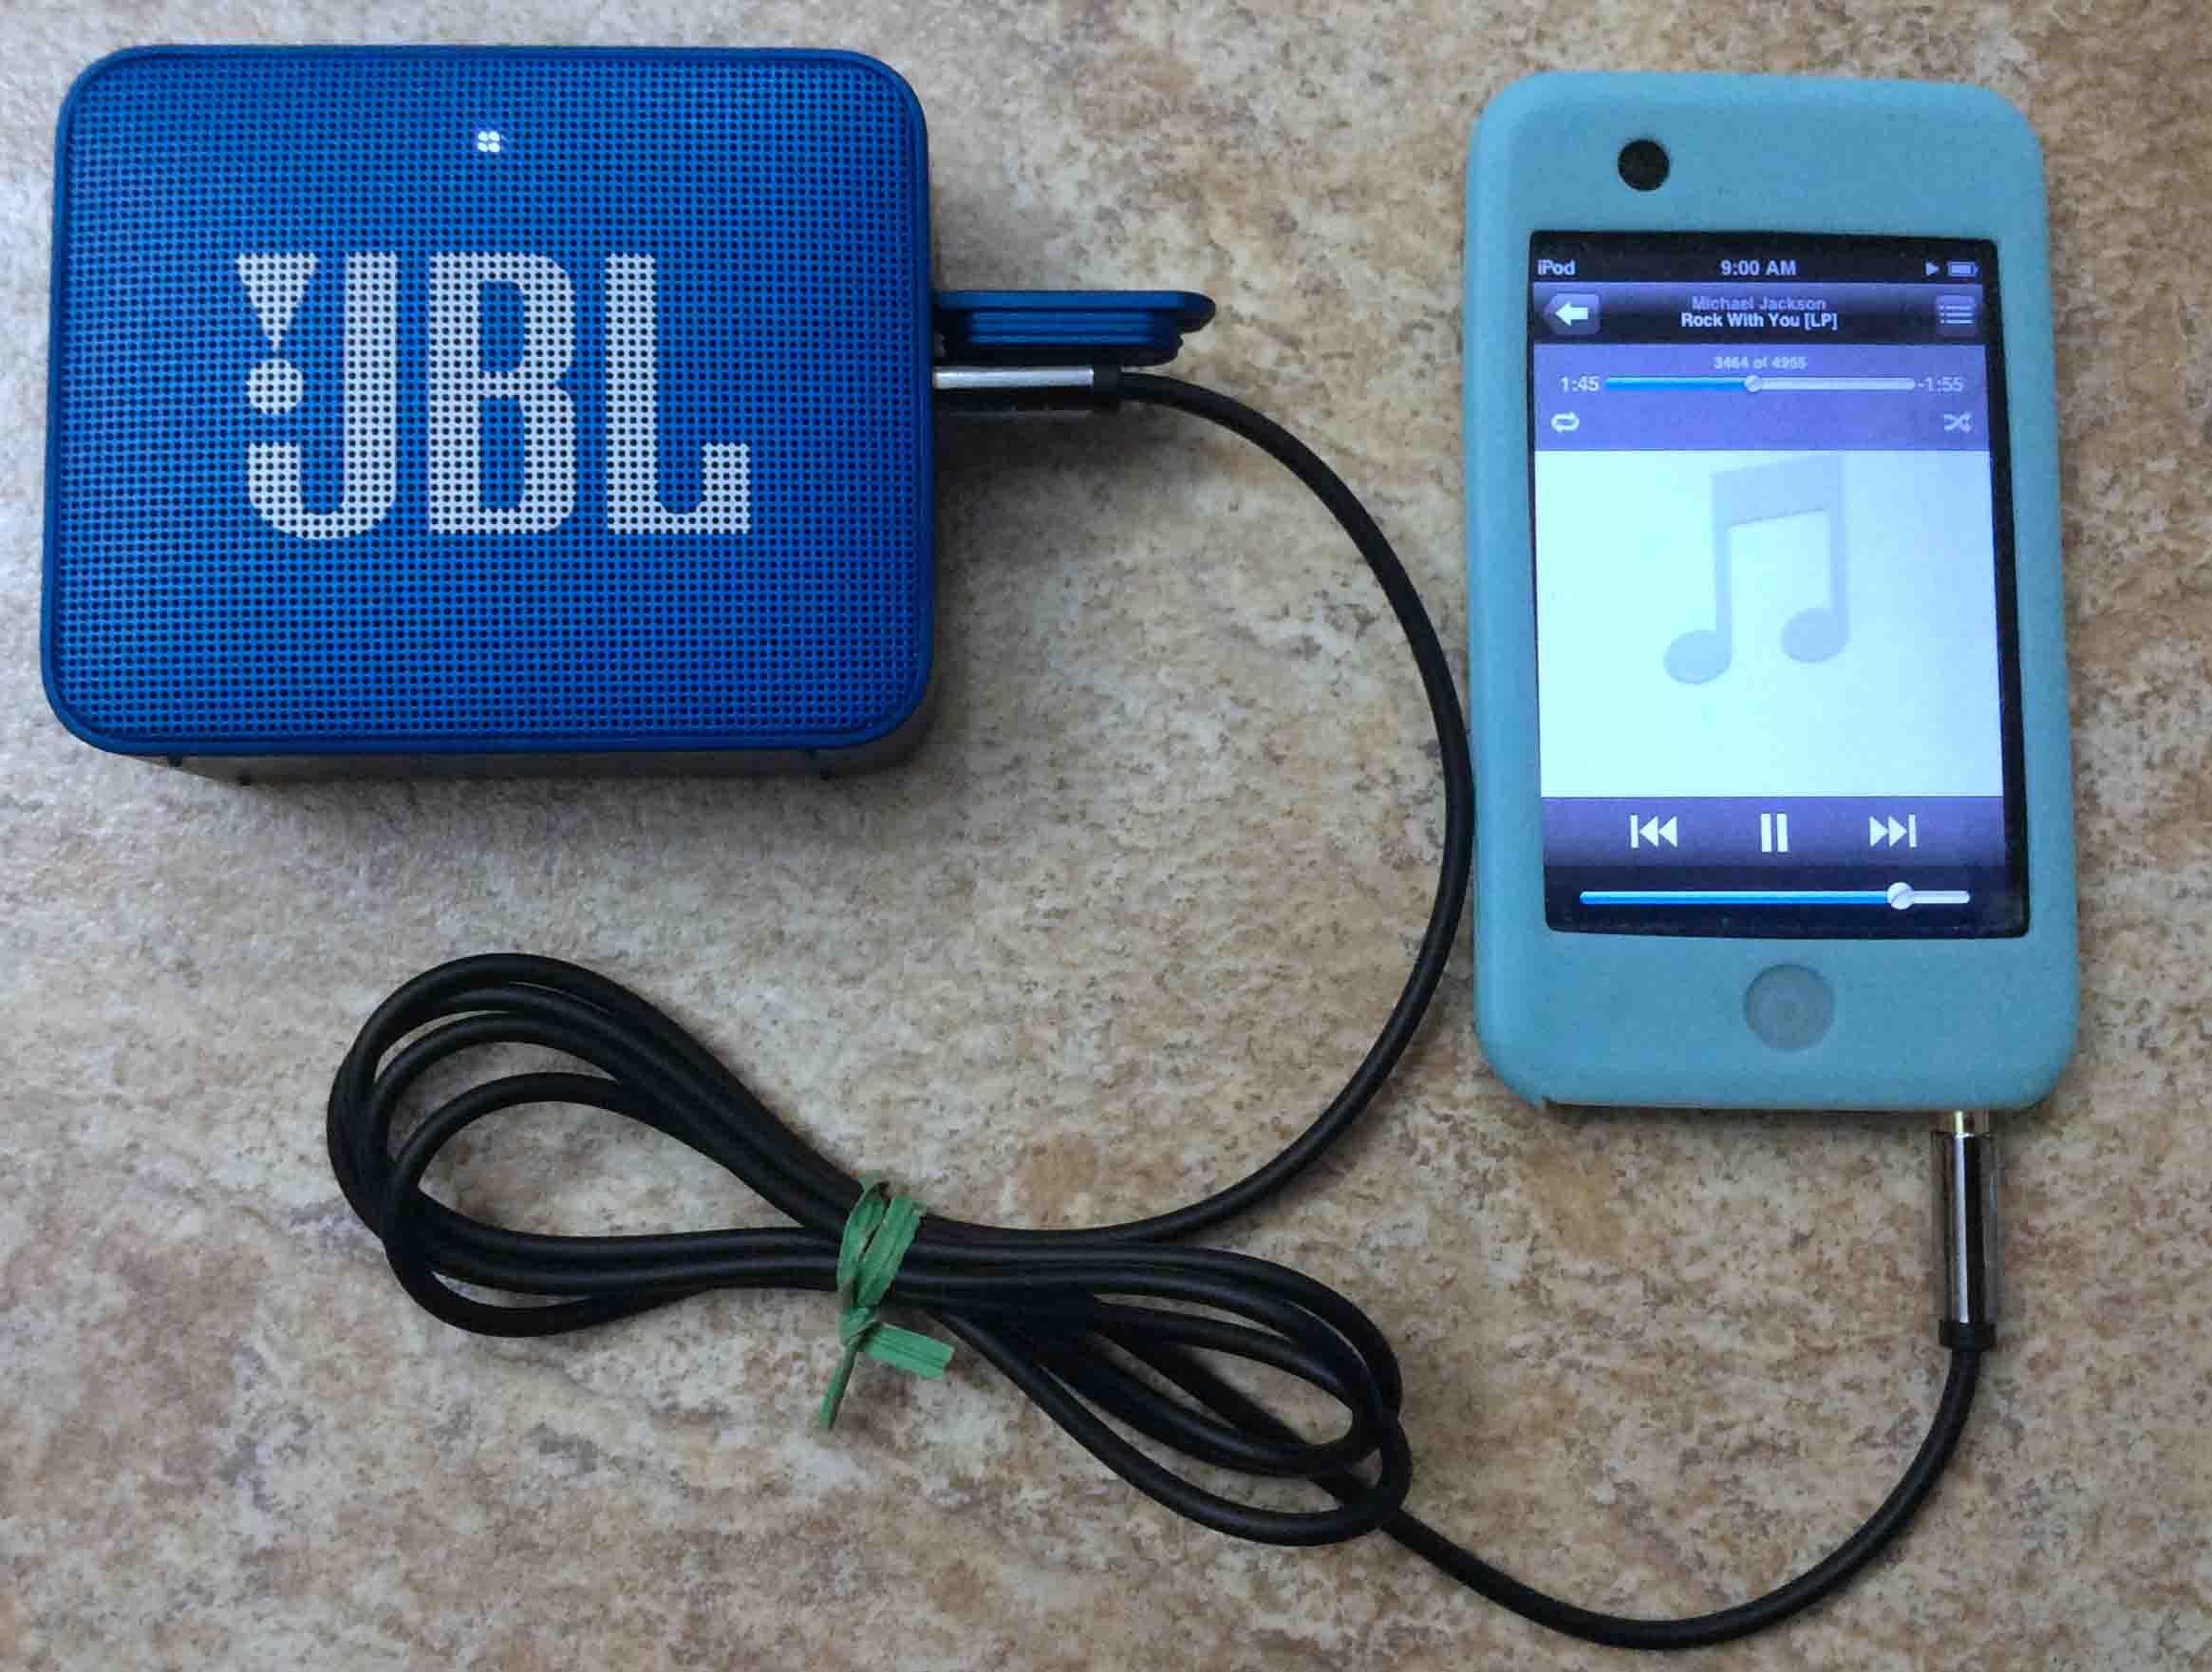 JBL Go 2 Portable Speaker Review | Tom's Tek Stop